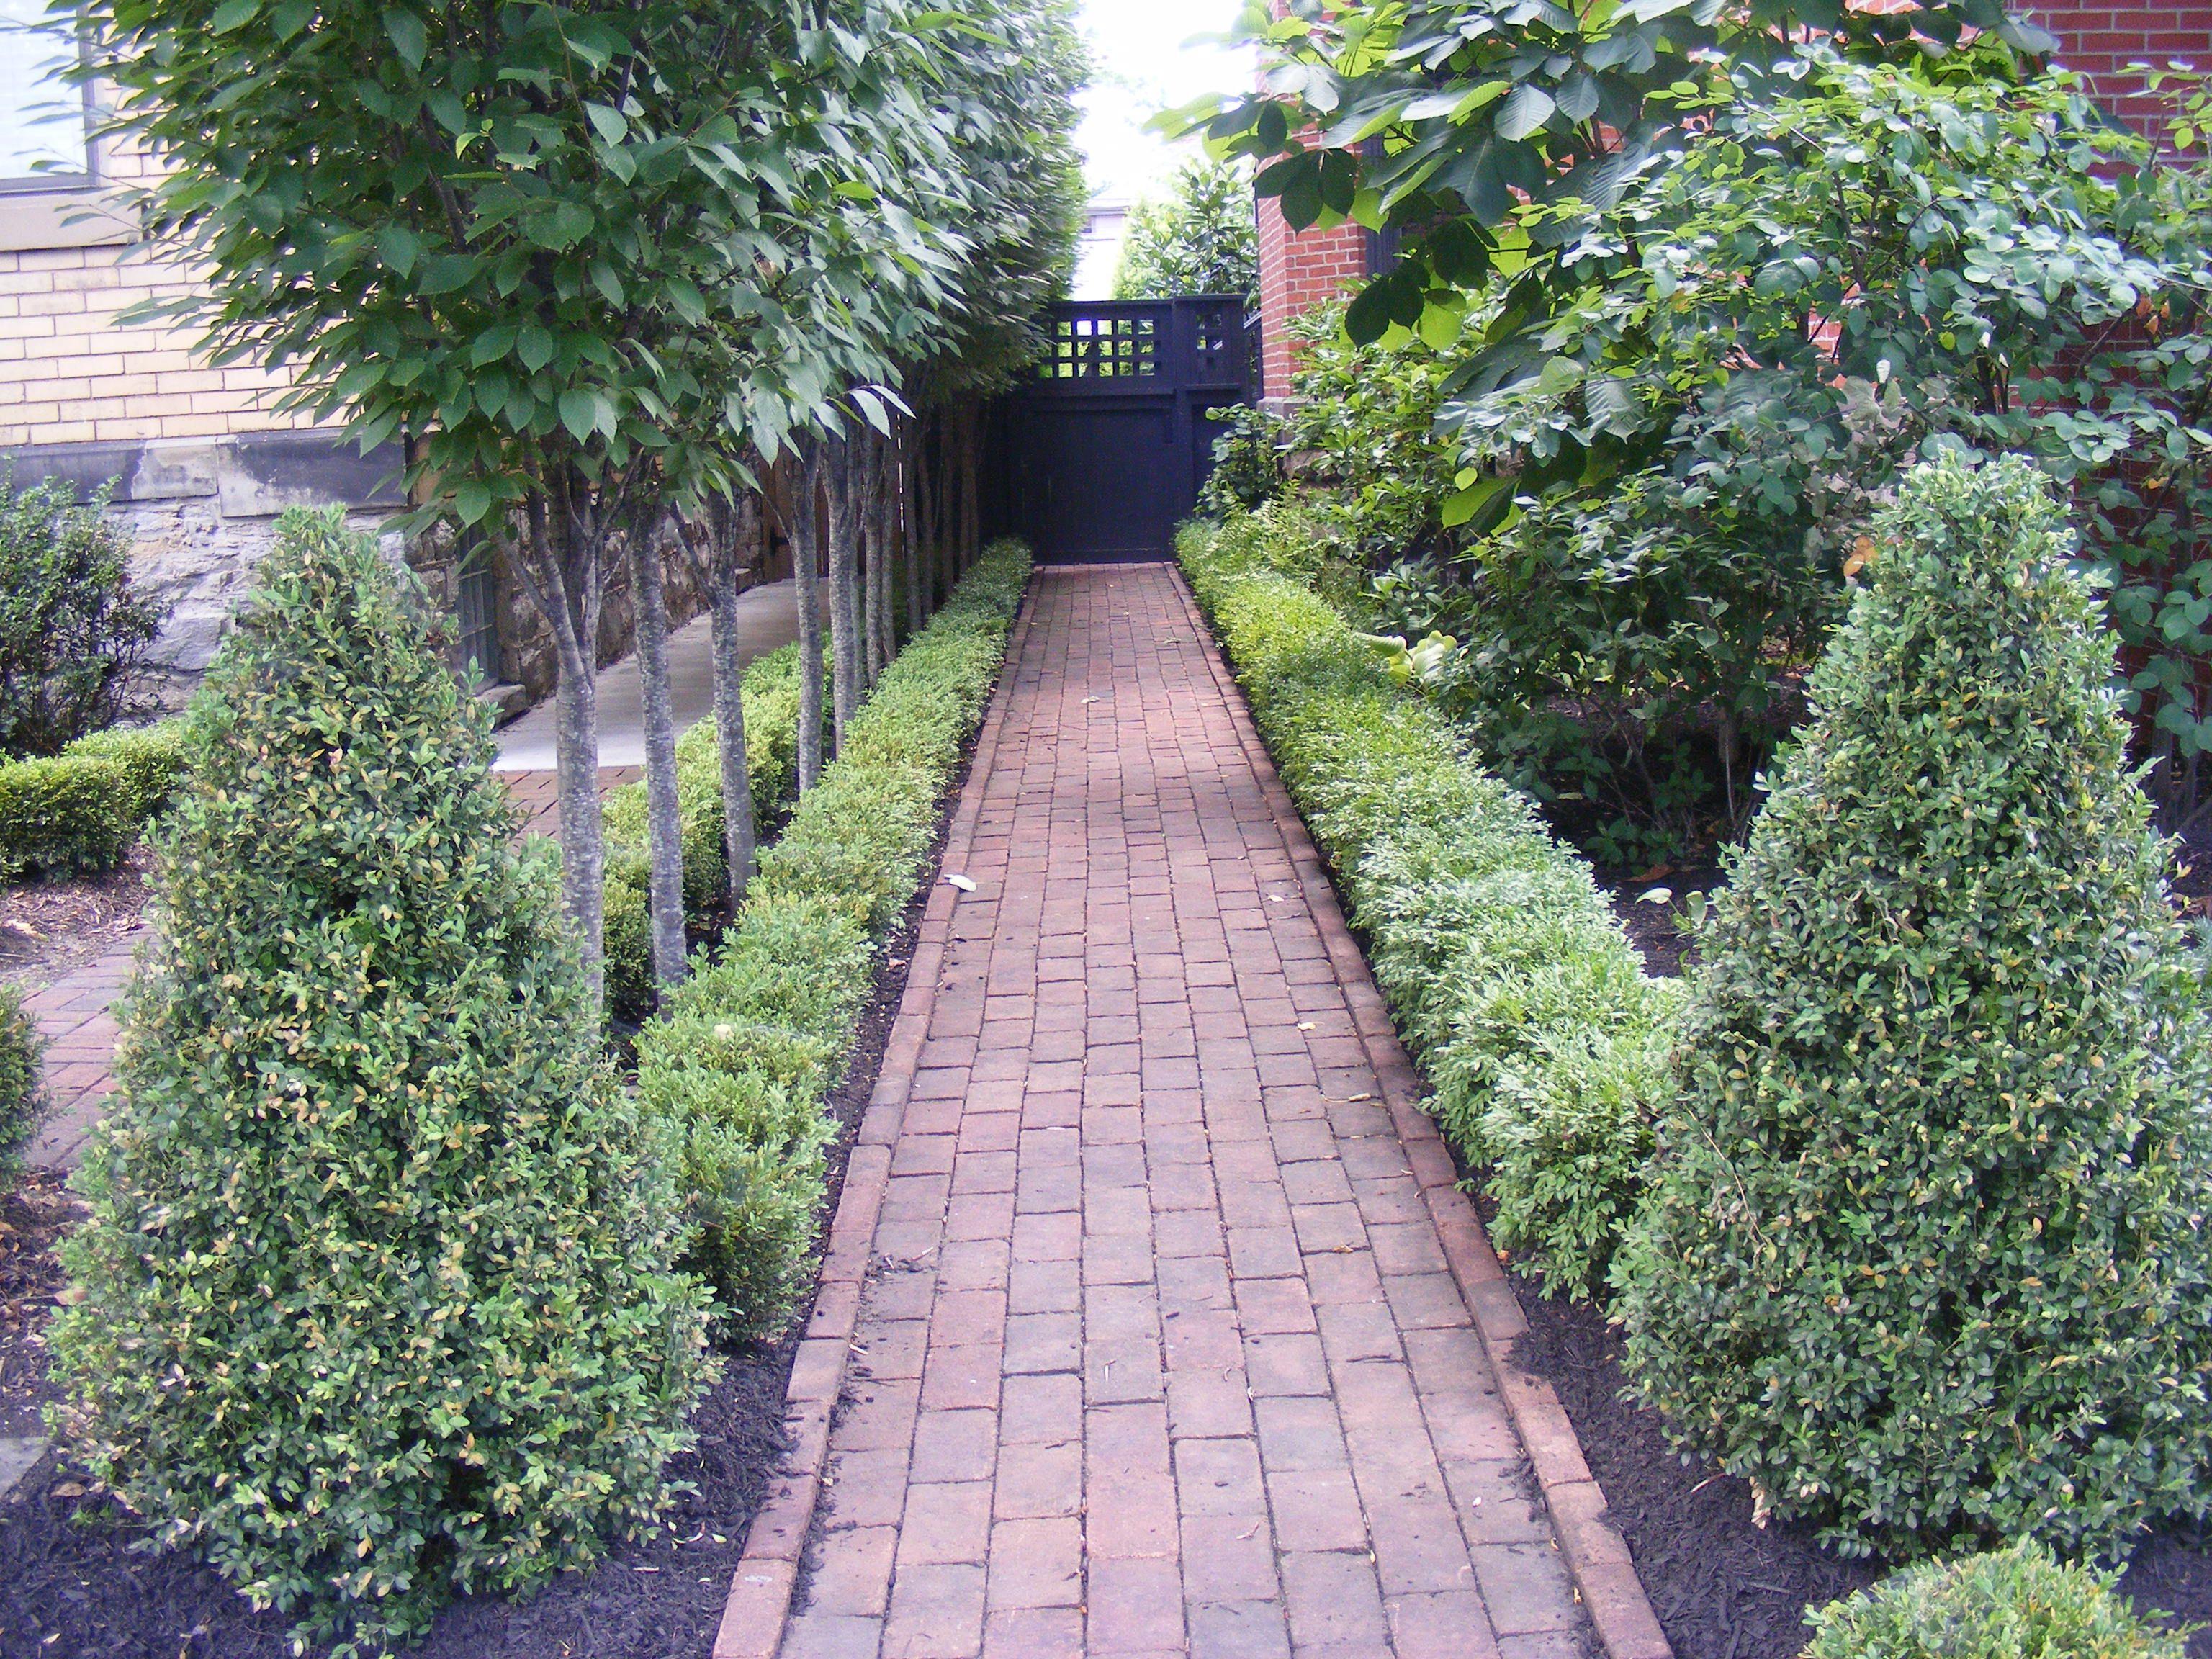 Side Garden Of Home In German Village Columbus Garden